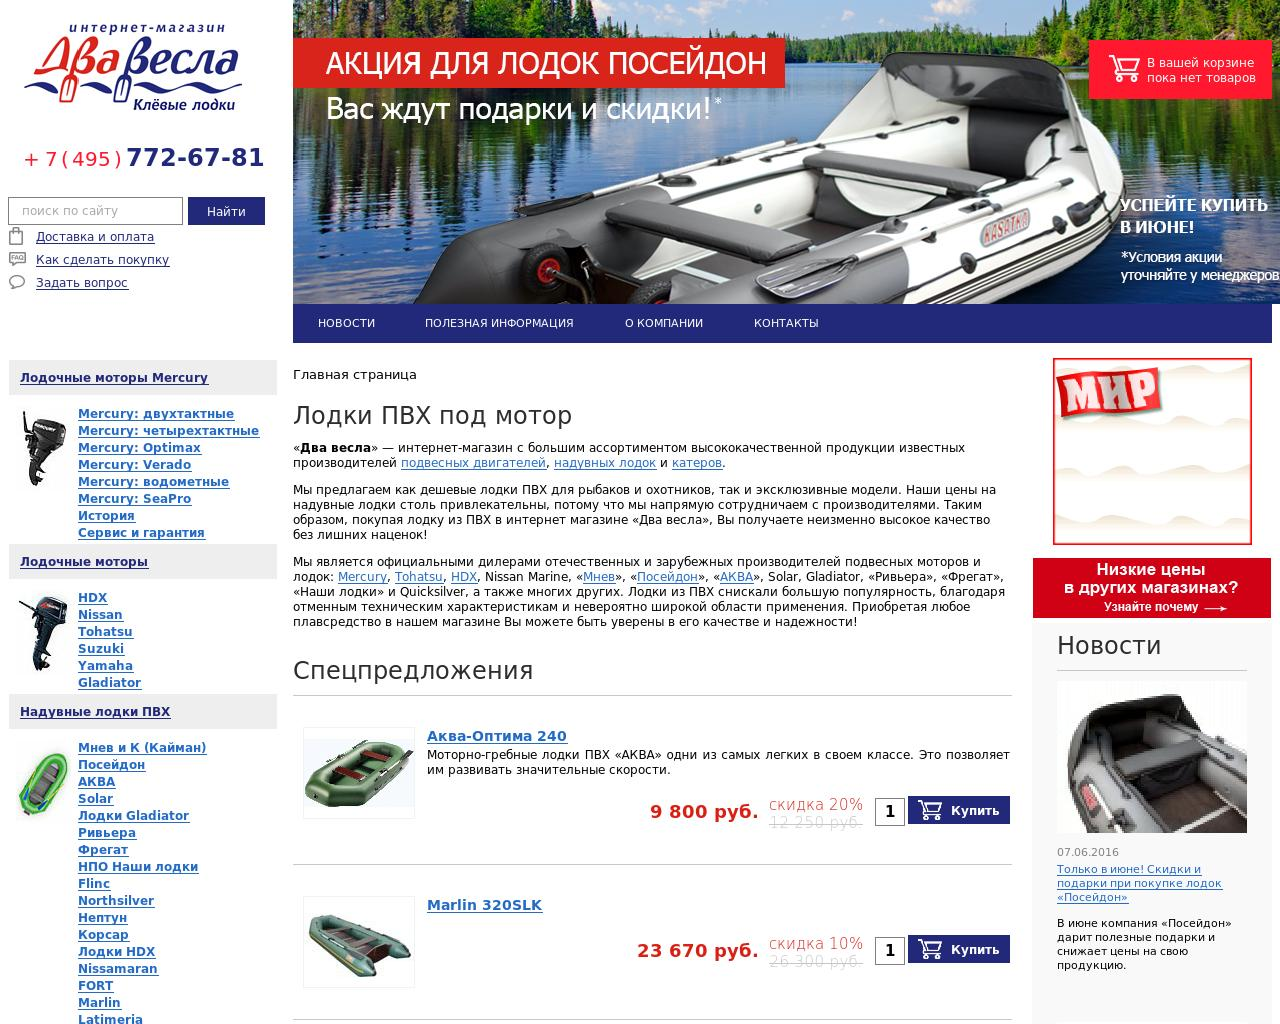 магазины по продажам все для лодок пвх москва